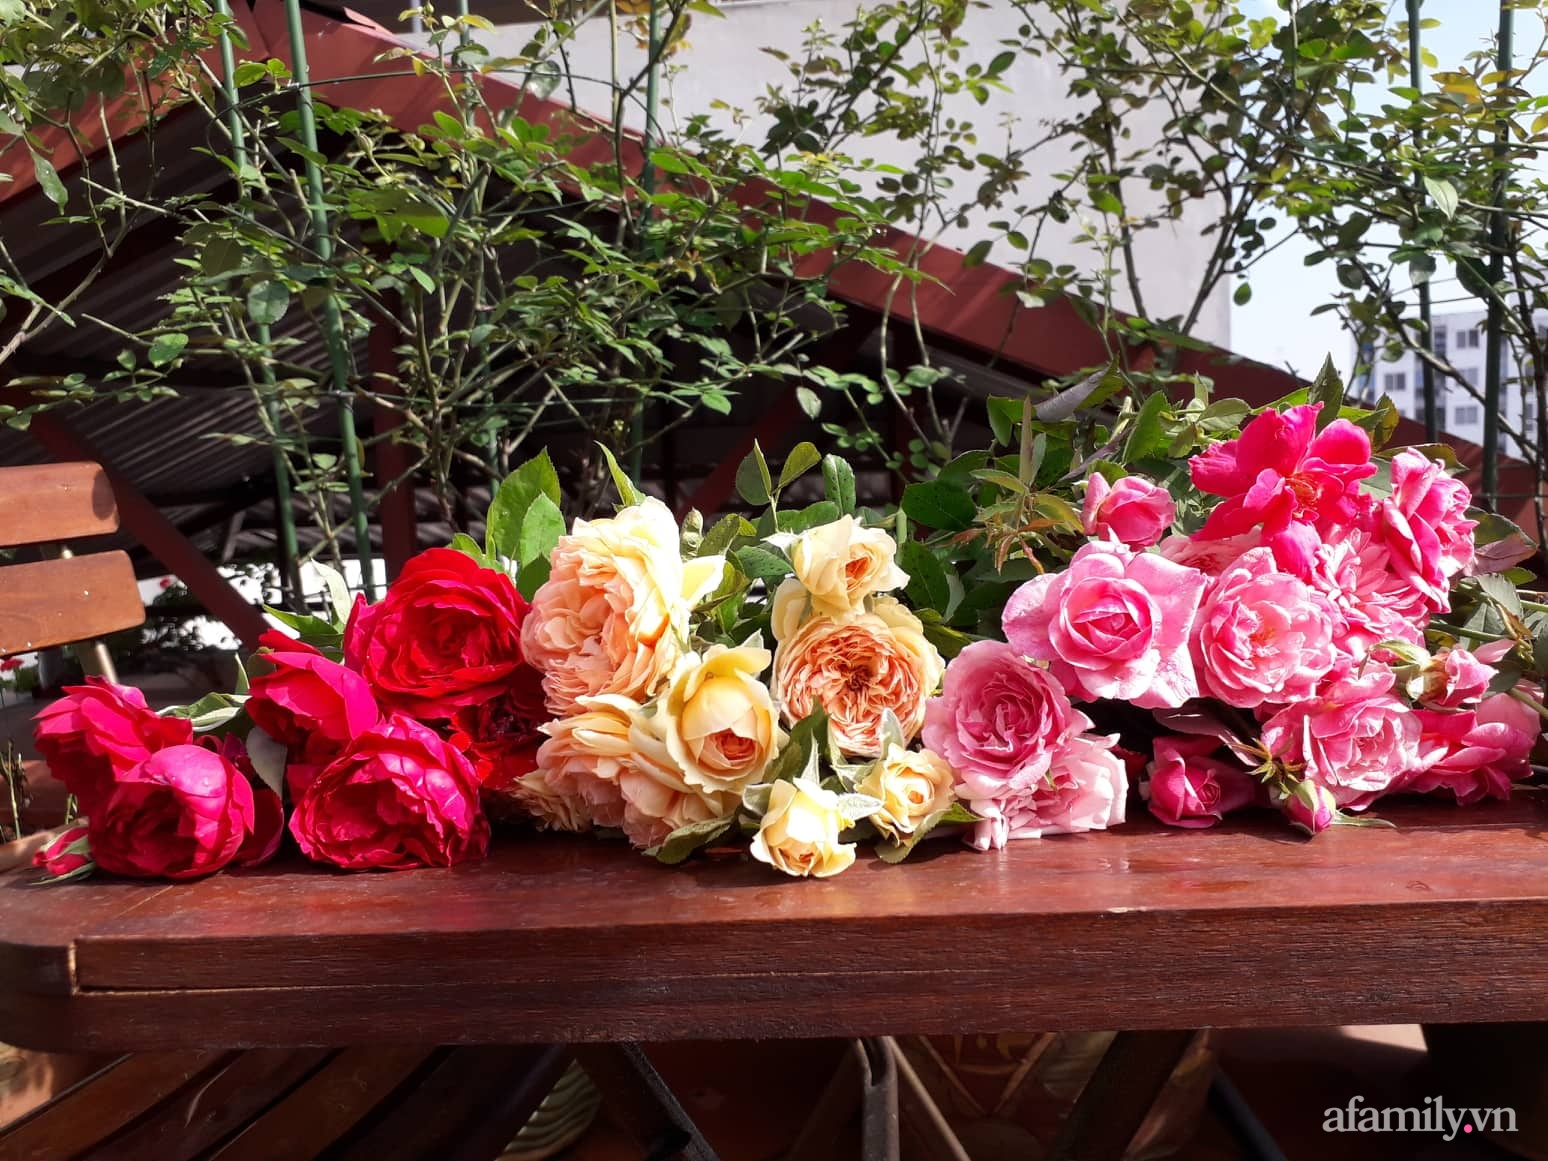 Sân thượng 50m² không khác gì trang trại với đủ loại rau quả sạch theo mùa của mẹ đảm ở Hà Nội - ảnh 29